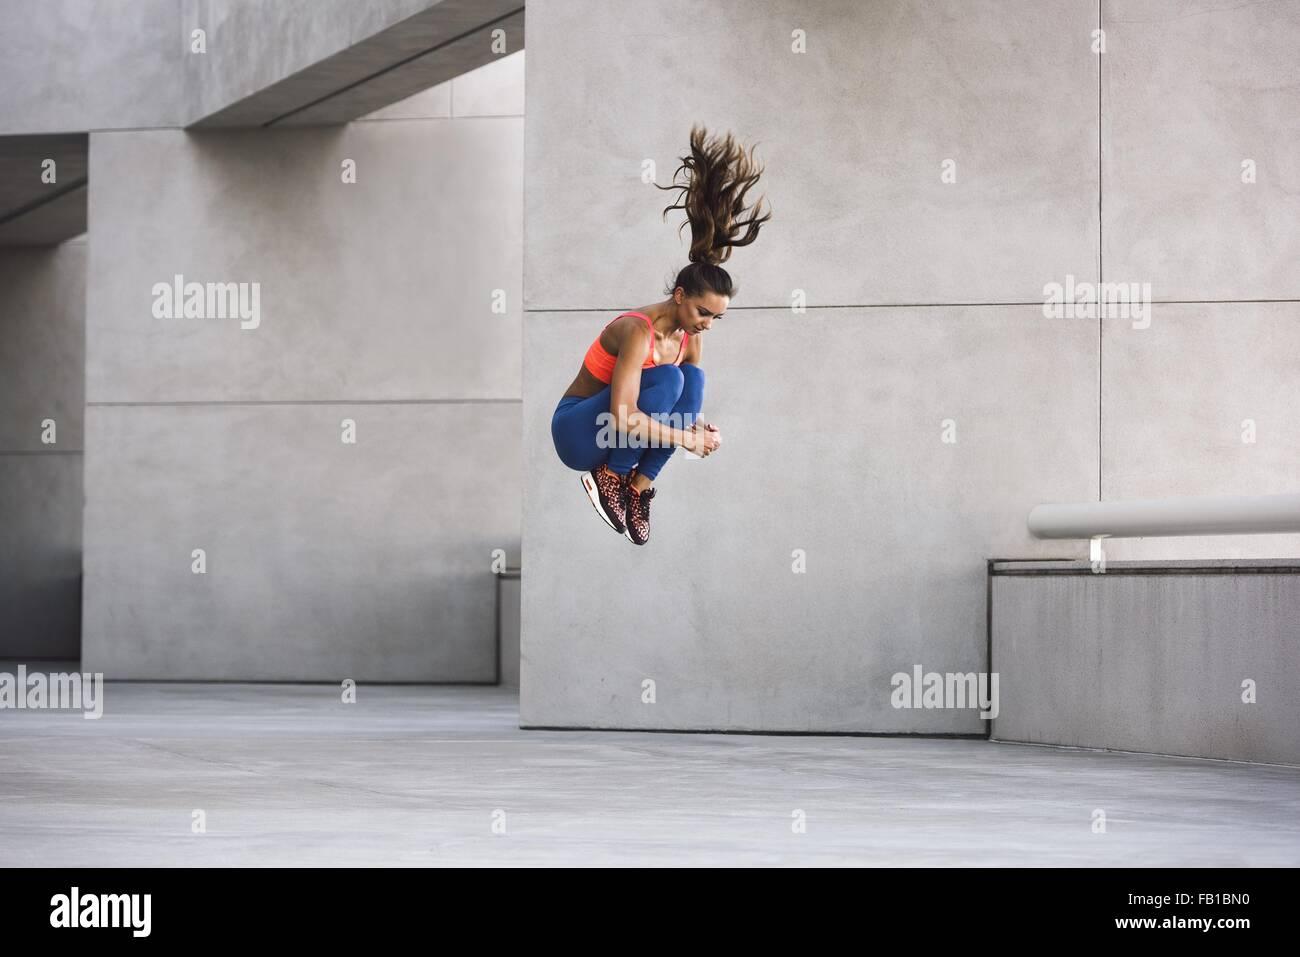 Seitenansicht der jungen Frau umarmt Knie in der Luft springen Stockbild